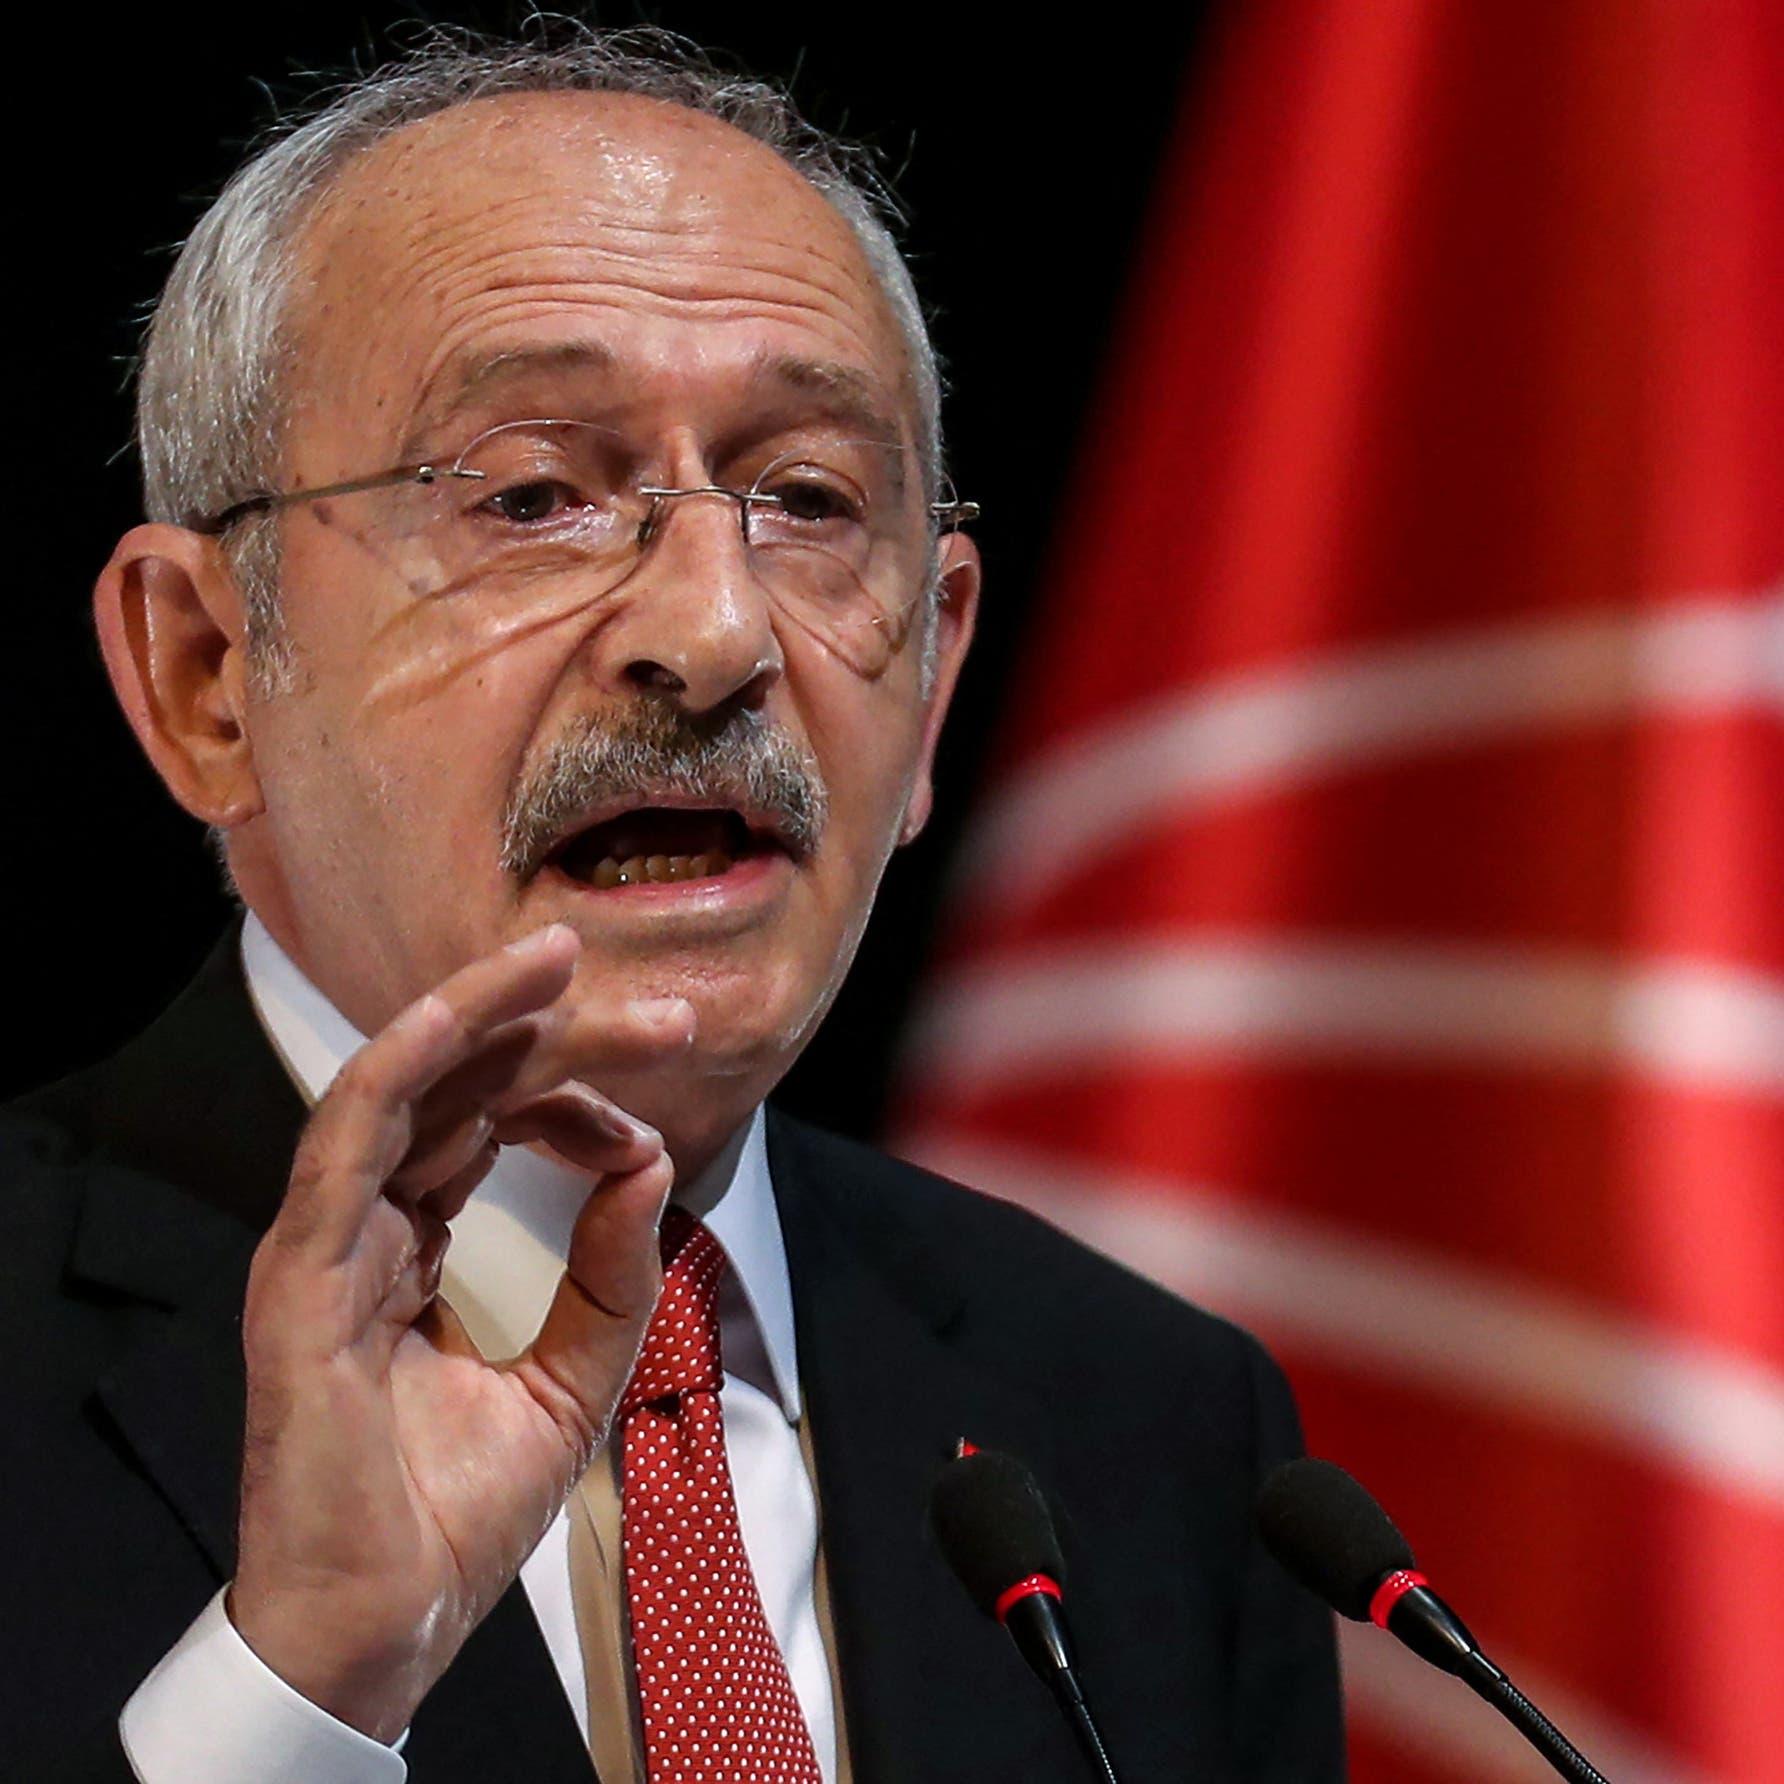 المعارضة تطالب أردوغان بإلغاء الوصاية على البرلمان والقضاء